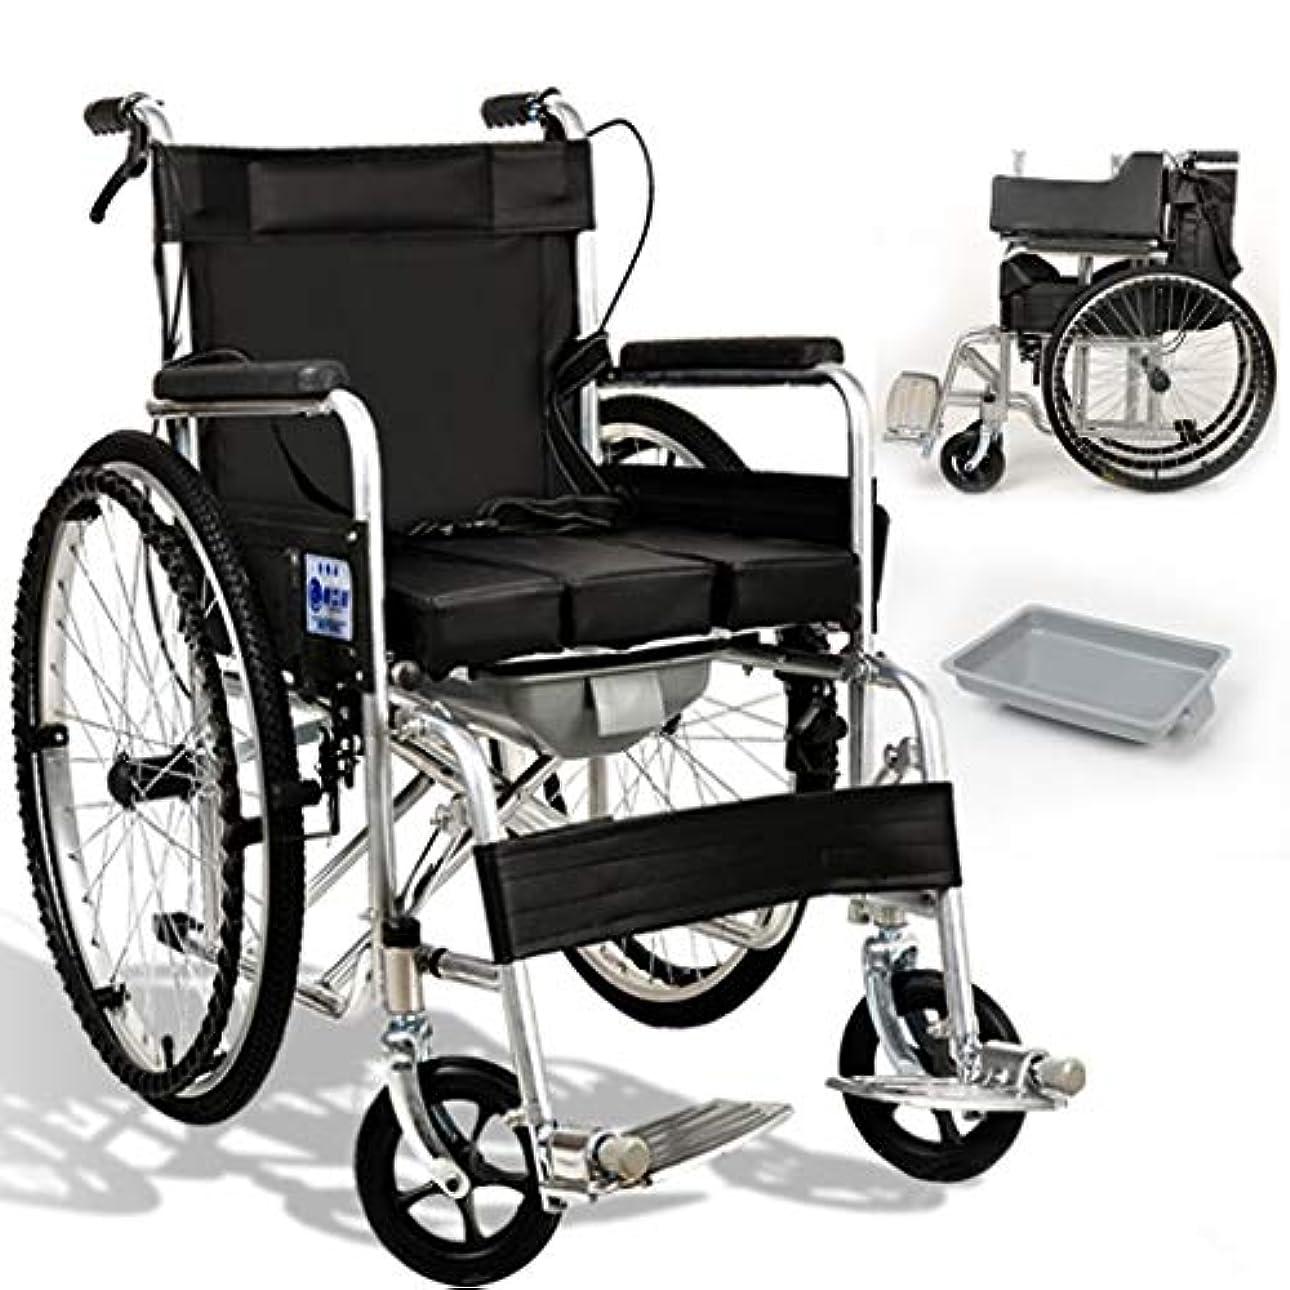 サイト誇りバーゲンプル型U字型トイレ、フロントおよびリアブレーキ付き車椅子高齢者用ポータブルトロリー。折りたたみ式ポータブル多機能車椅子